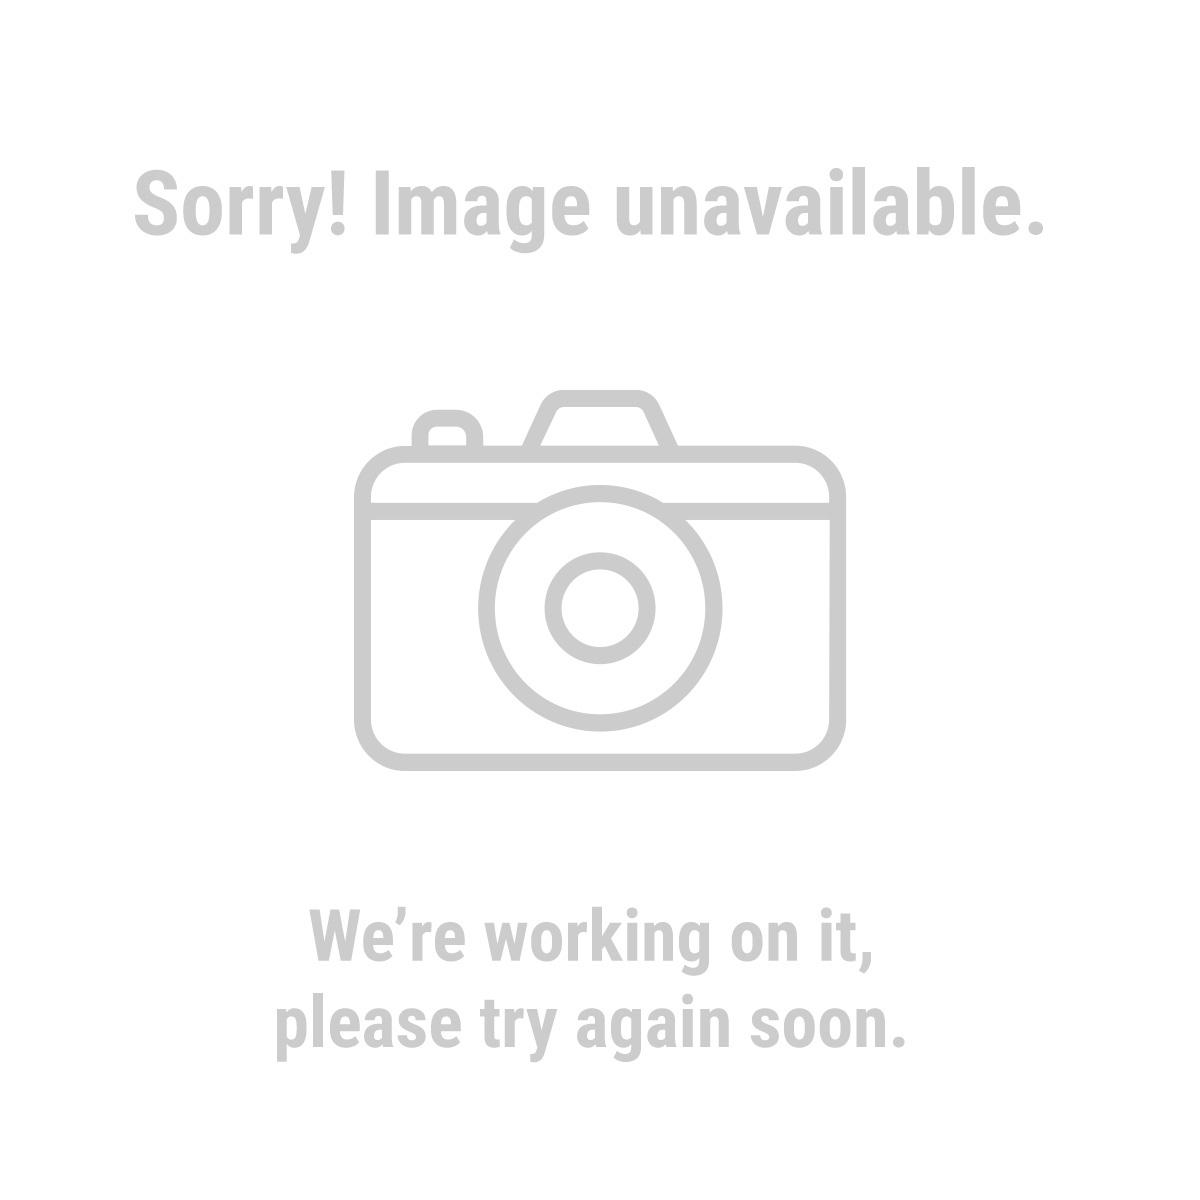 Warrior 69982 5 Piece 5 in. 24 Grit Resin Fiber Sanding Discs